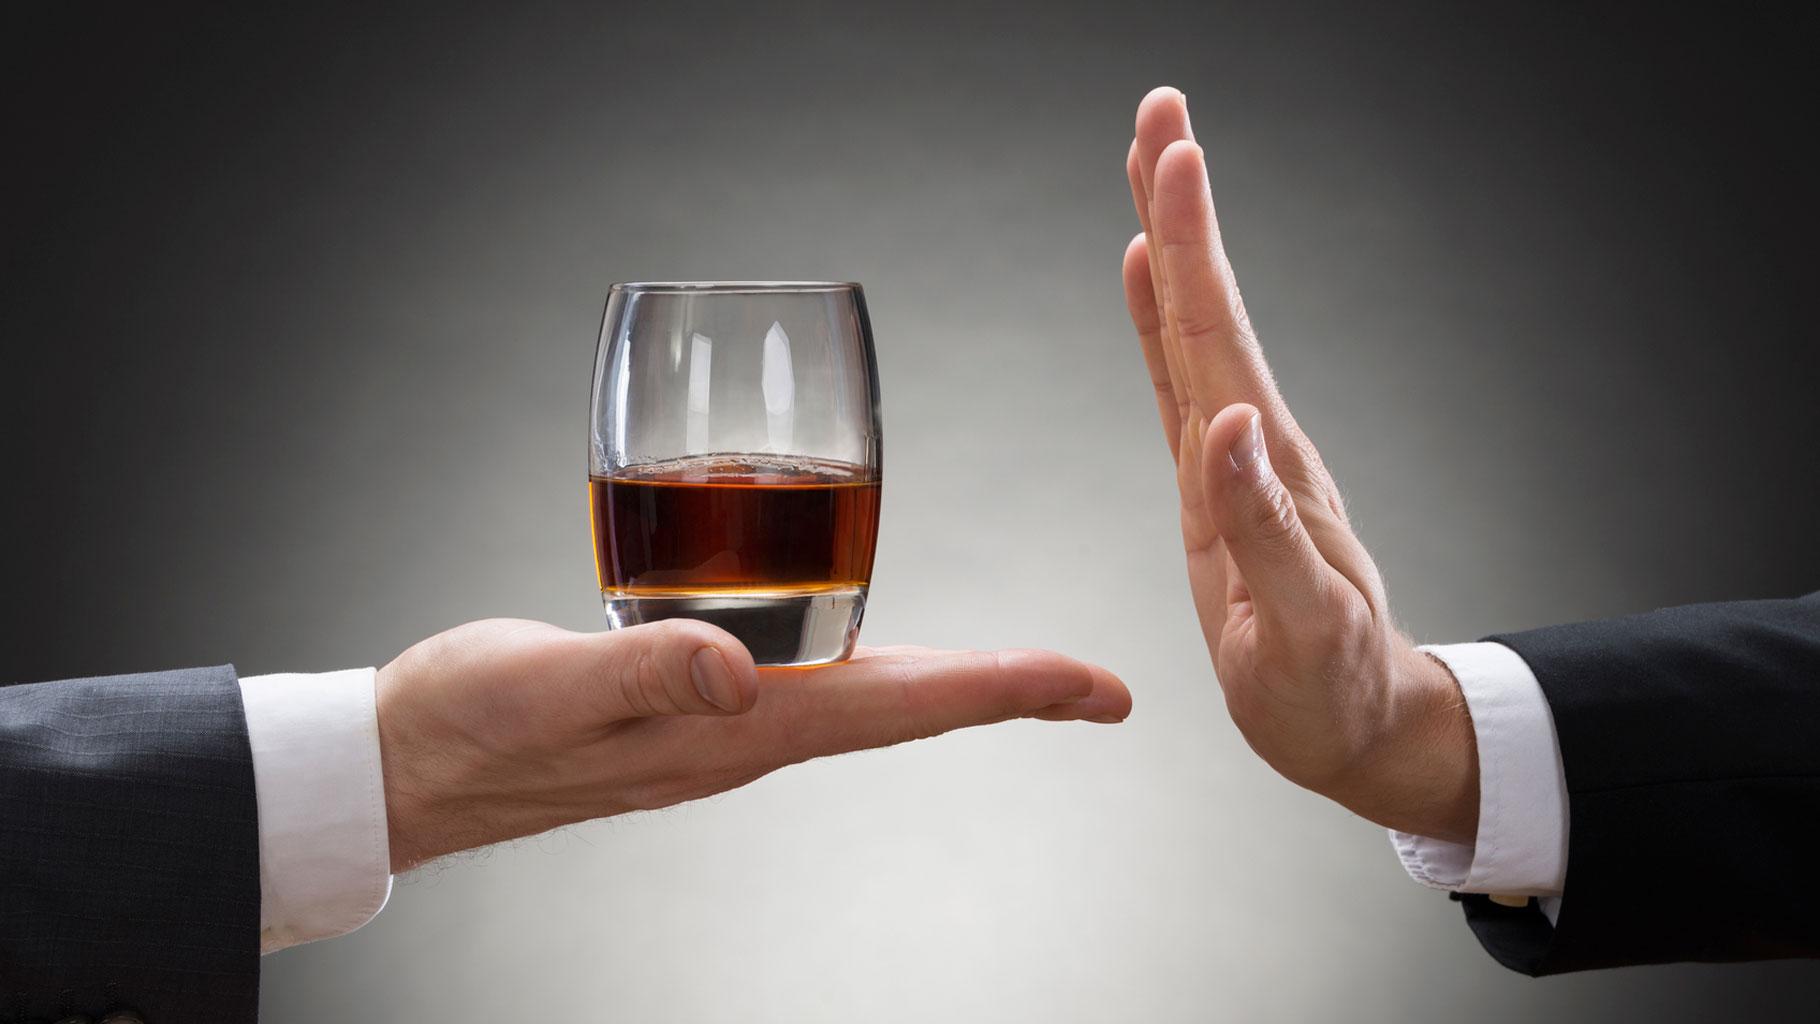 Отказ от алкоголя способствует психологическому благополучию